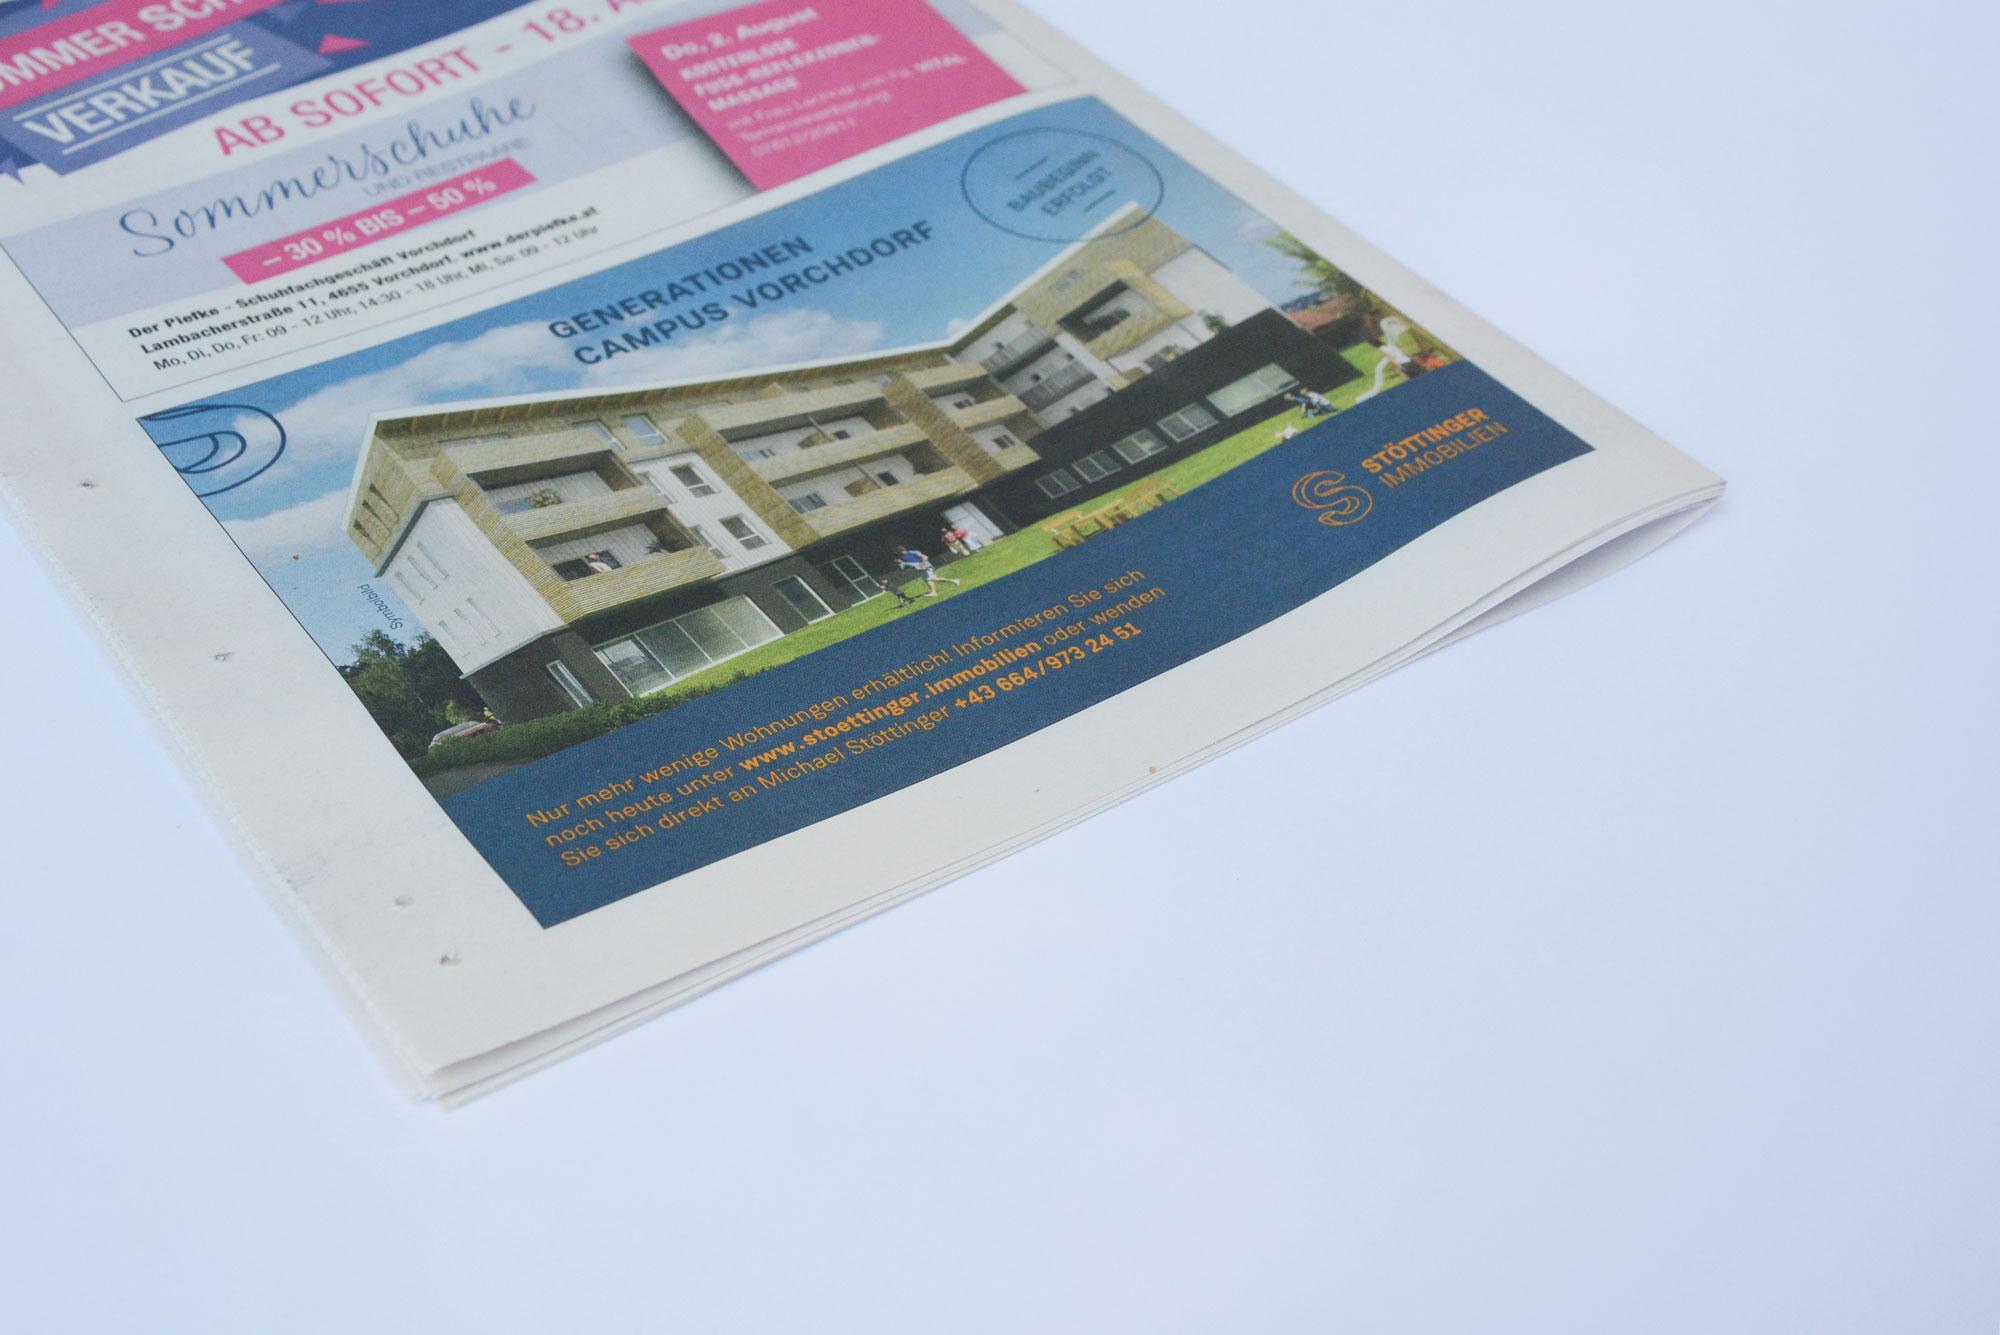 Inserat auf Zeitungsrückseite